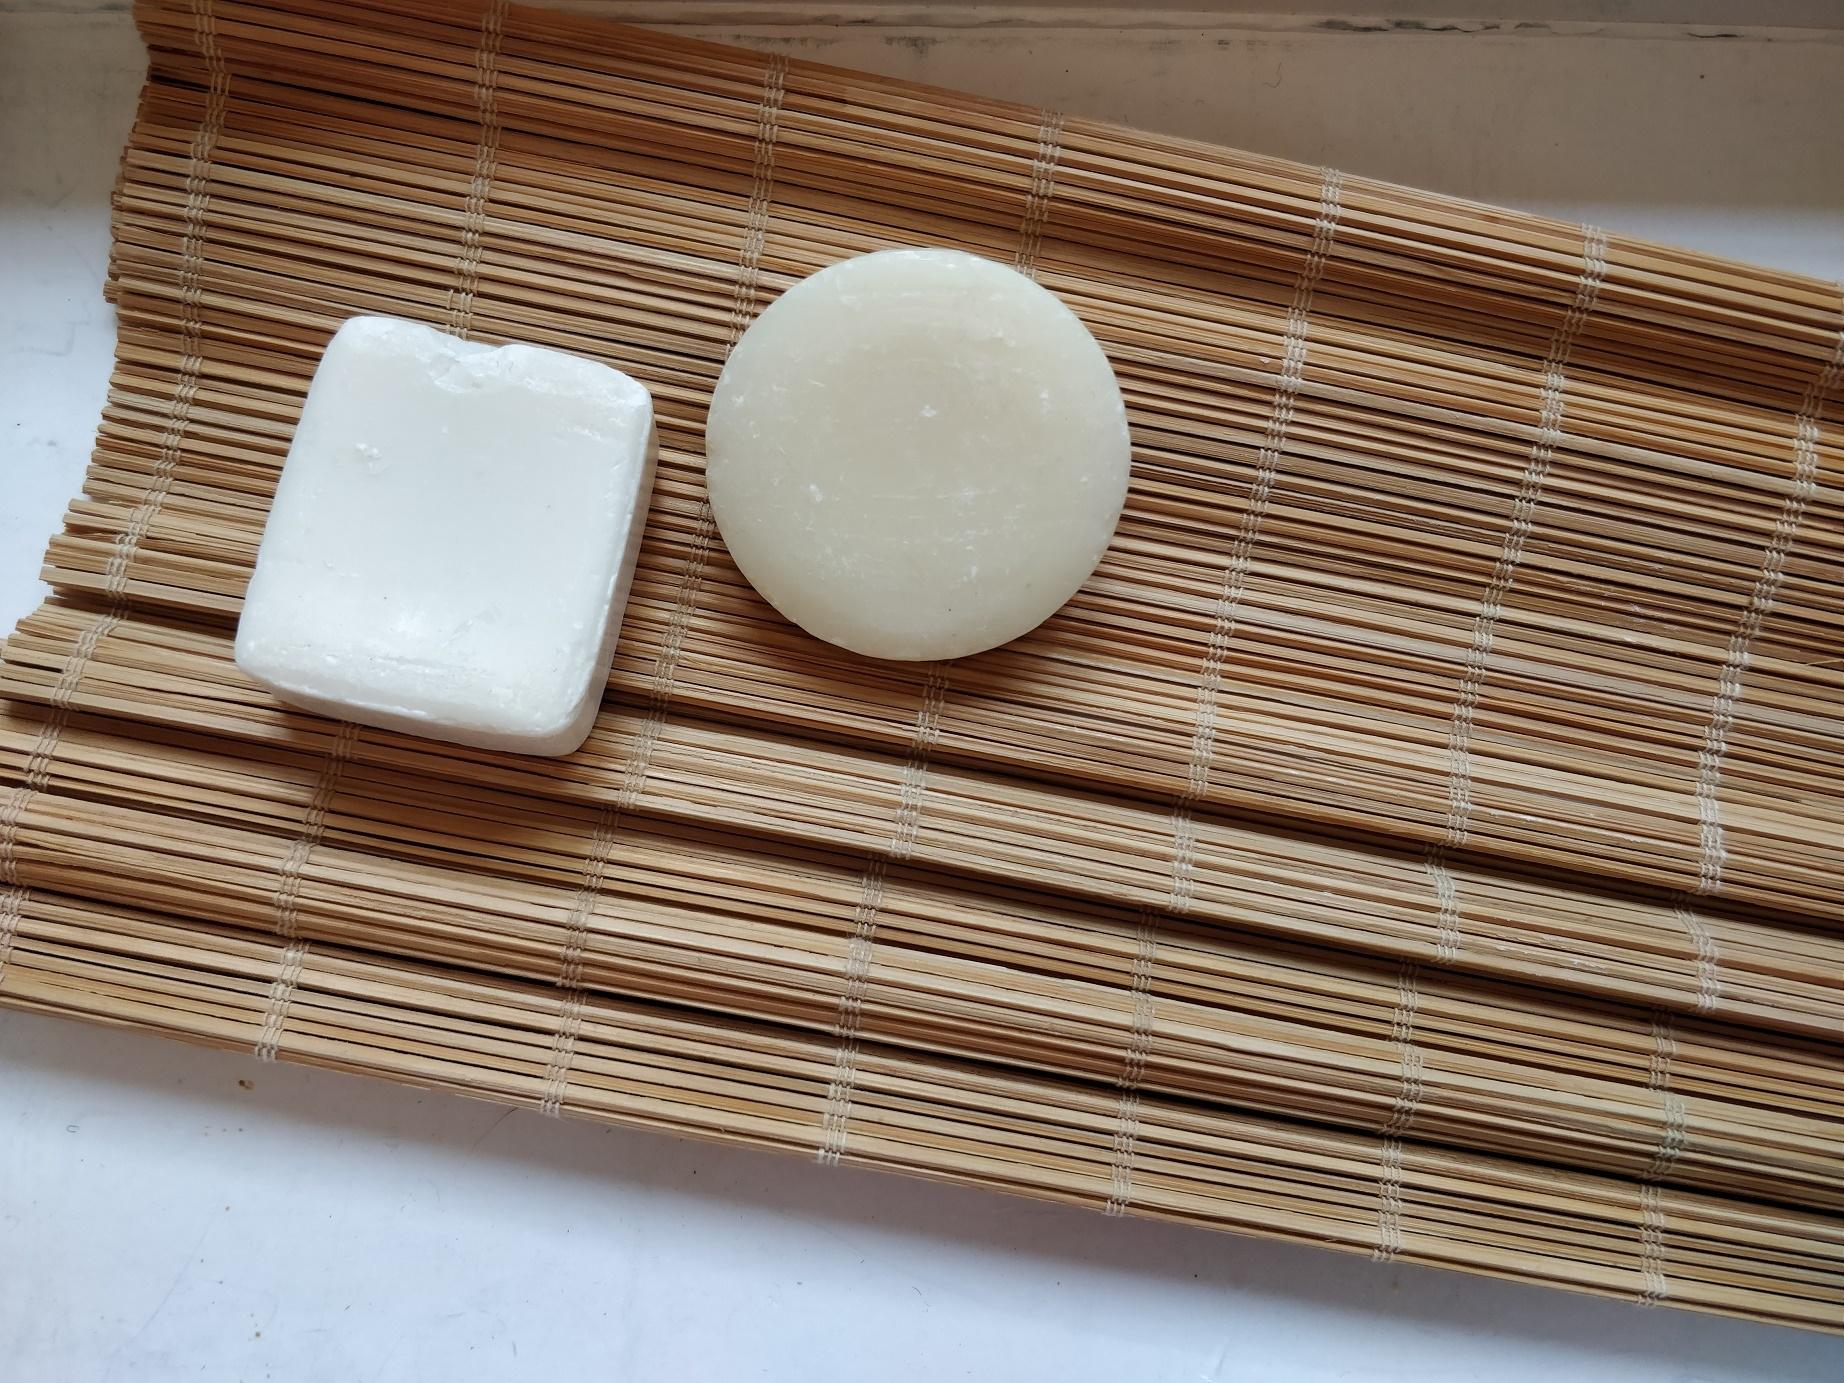 Bambusmåtte og sæbe til filtning